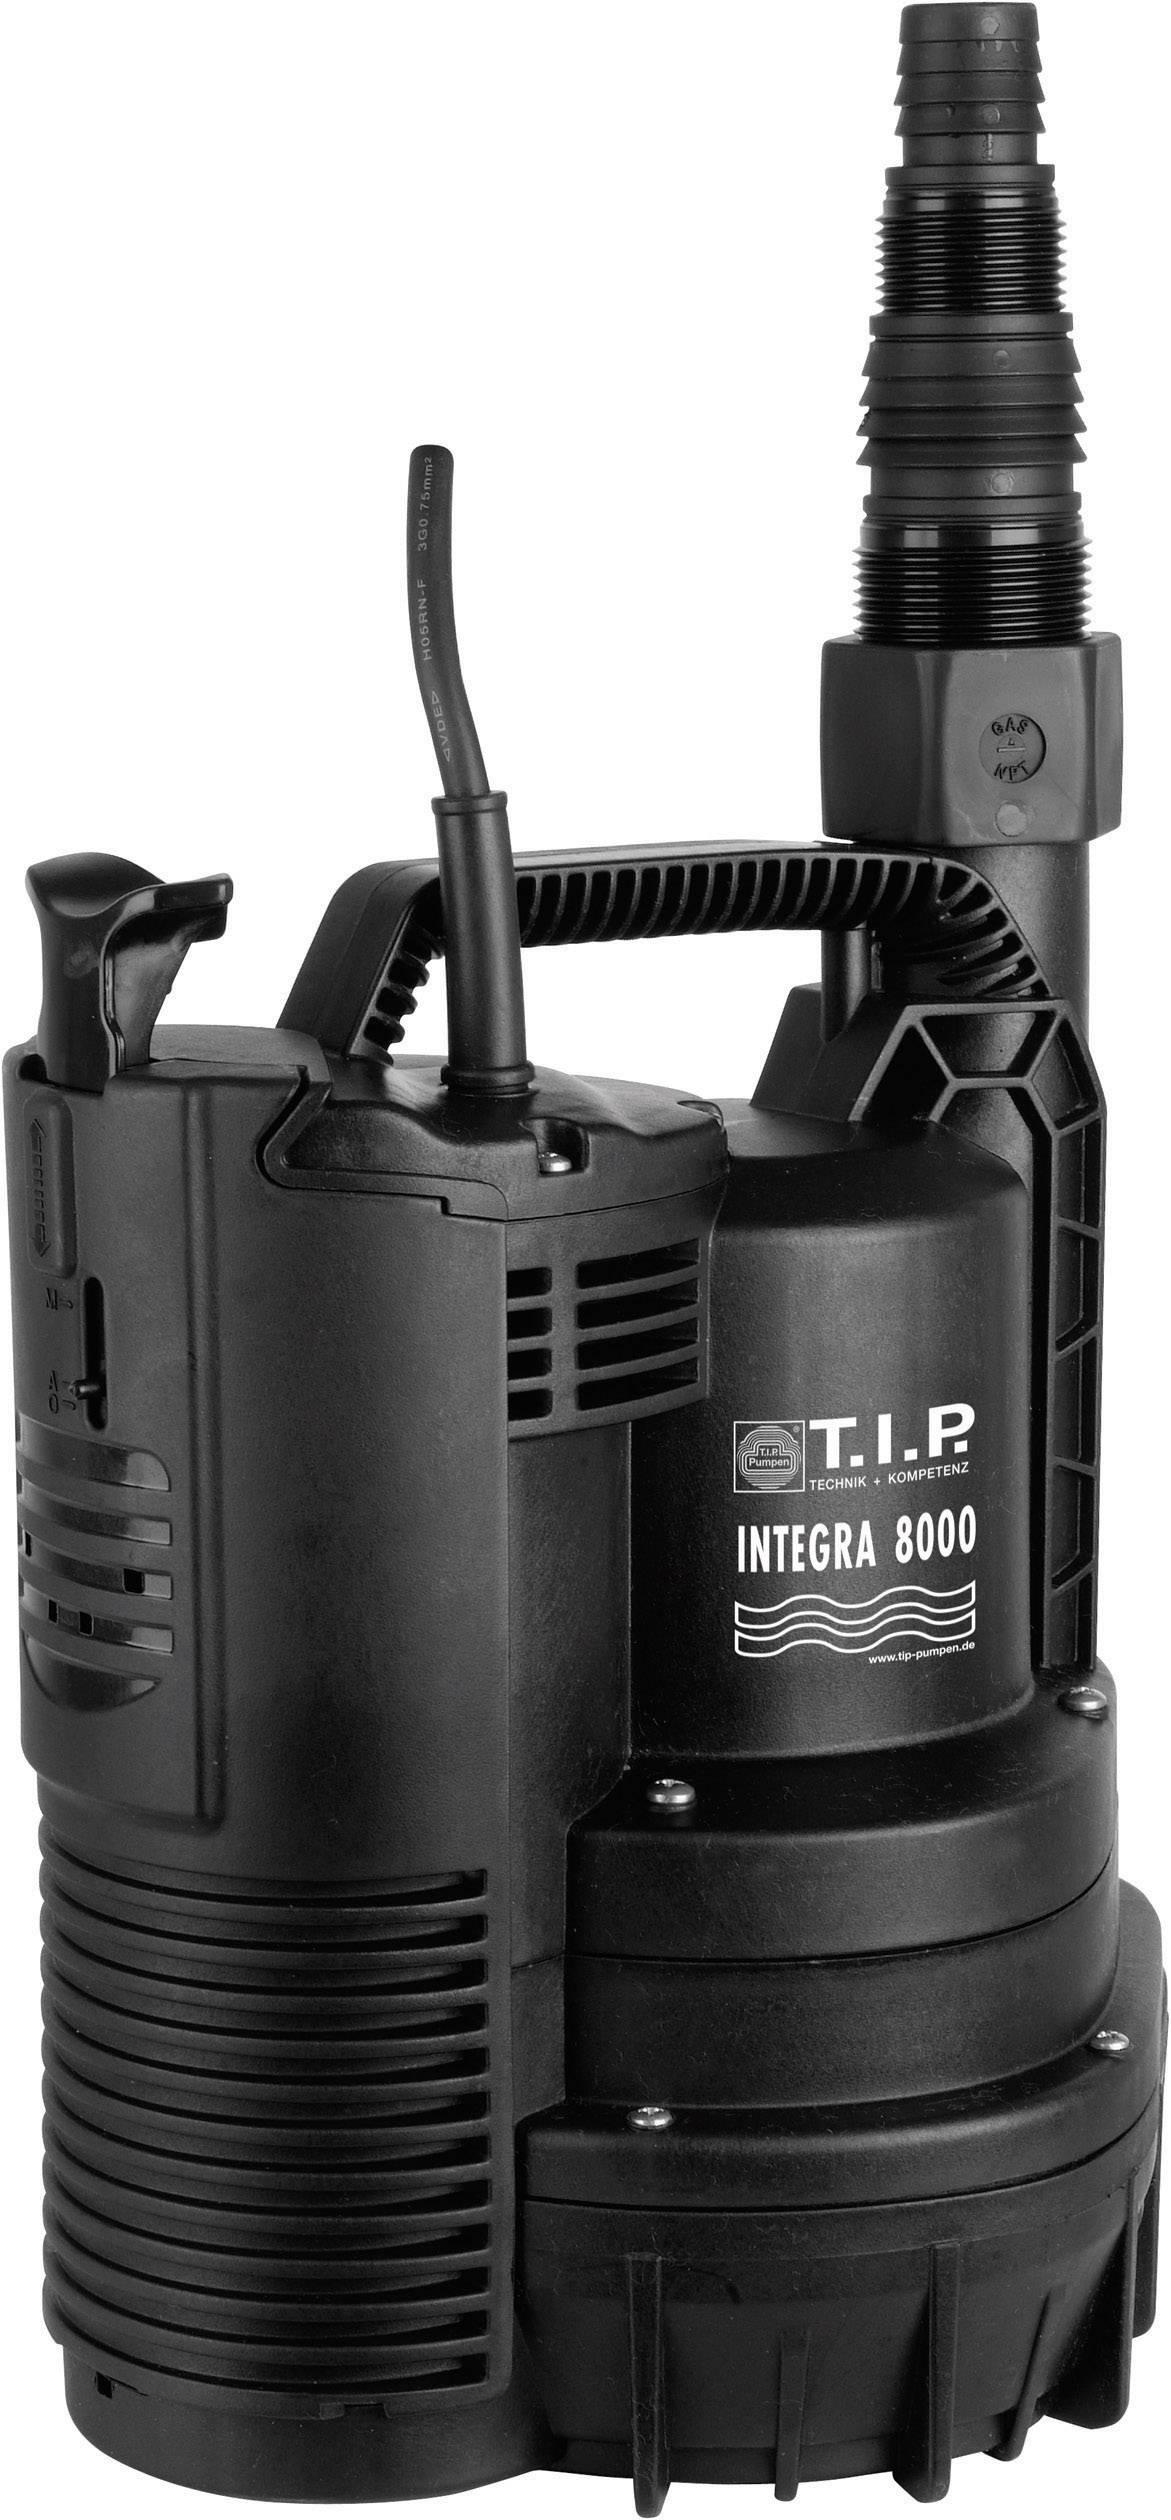 Ponorné čerpadlo T.I.P. Integra 8000 30166, 8000 l/h, 7 m